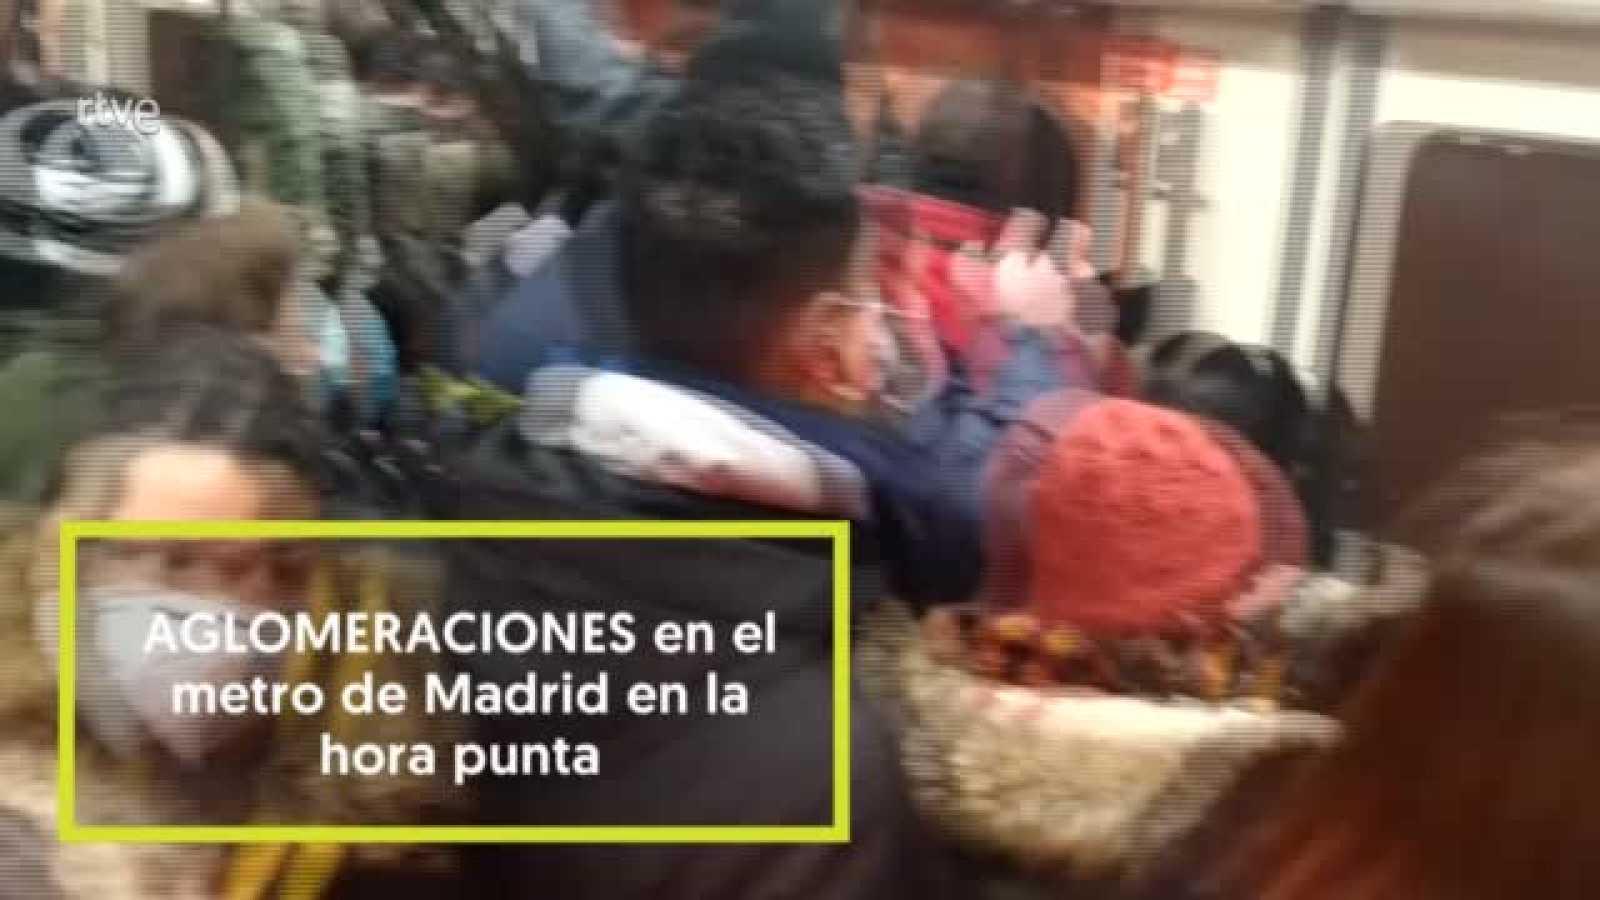 Aglomeraciones en el Metro de Madrid en hora punta